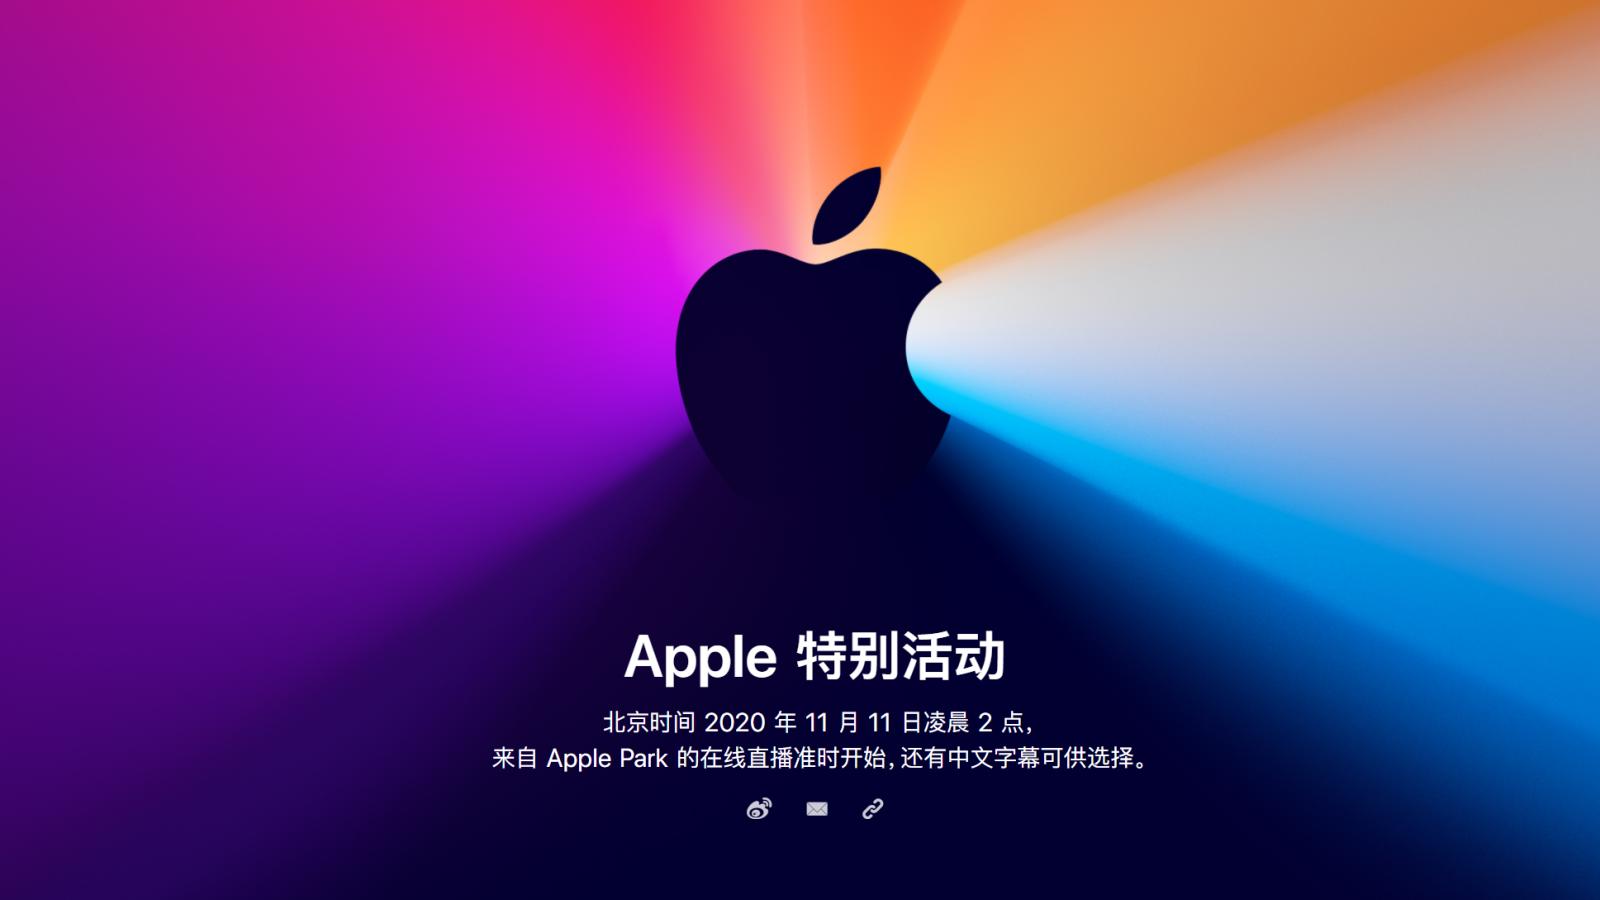 One More Thing~苹果将于北京时间11月11日凌晨2点展开特别活动